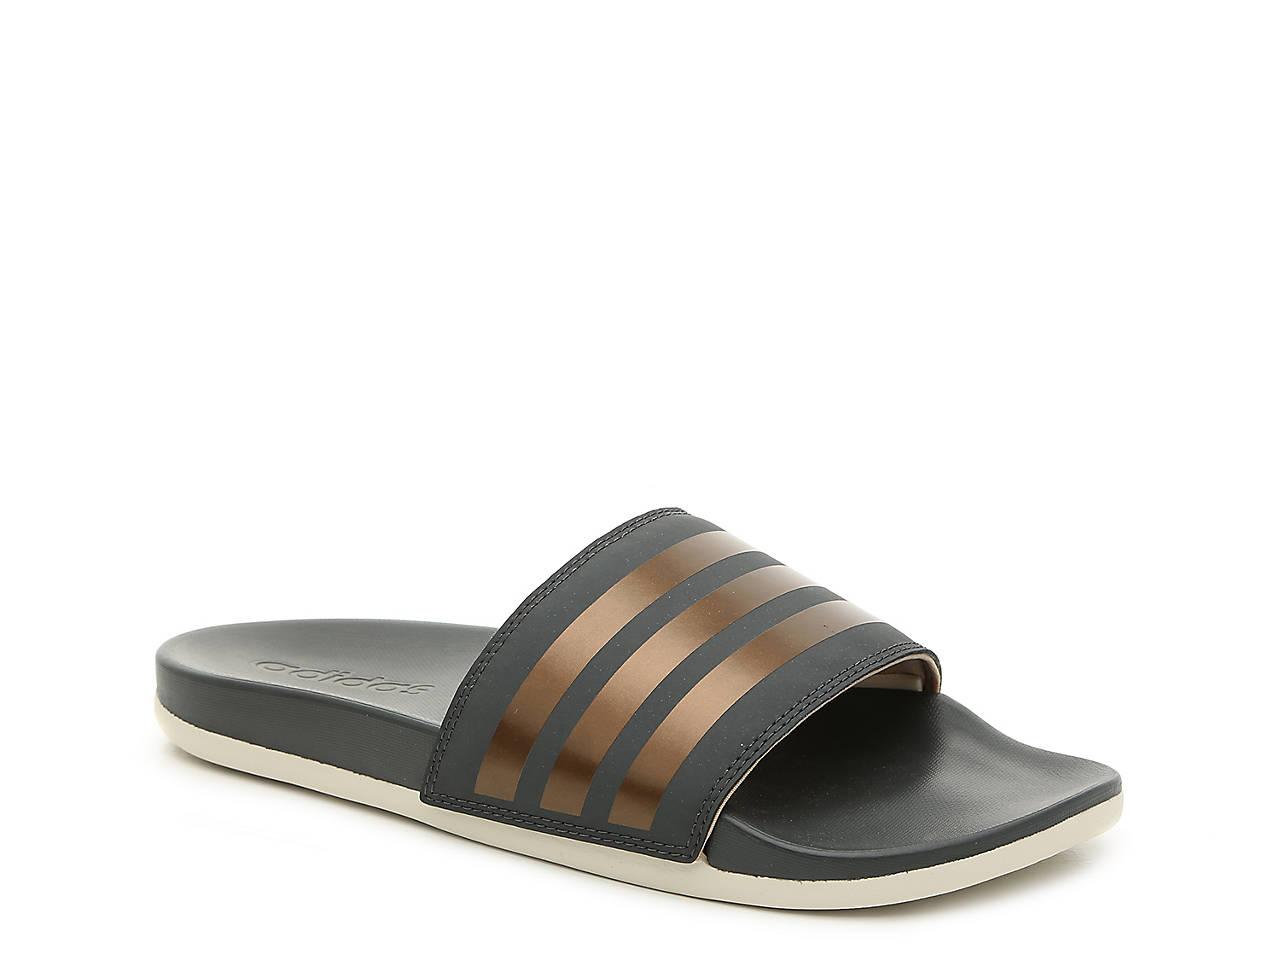 d1cdb43753ad adidas Adilette CloudFoam Ultra Slide Sandal - Women s Women s Shoes ...